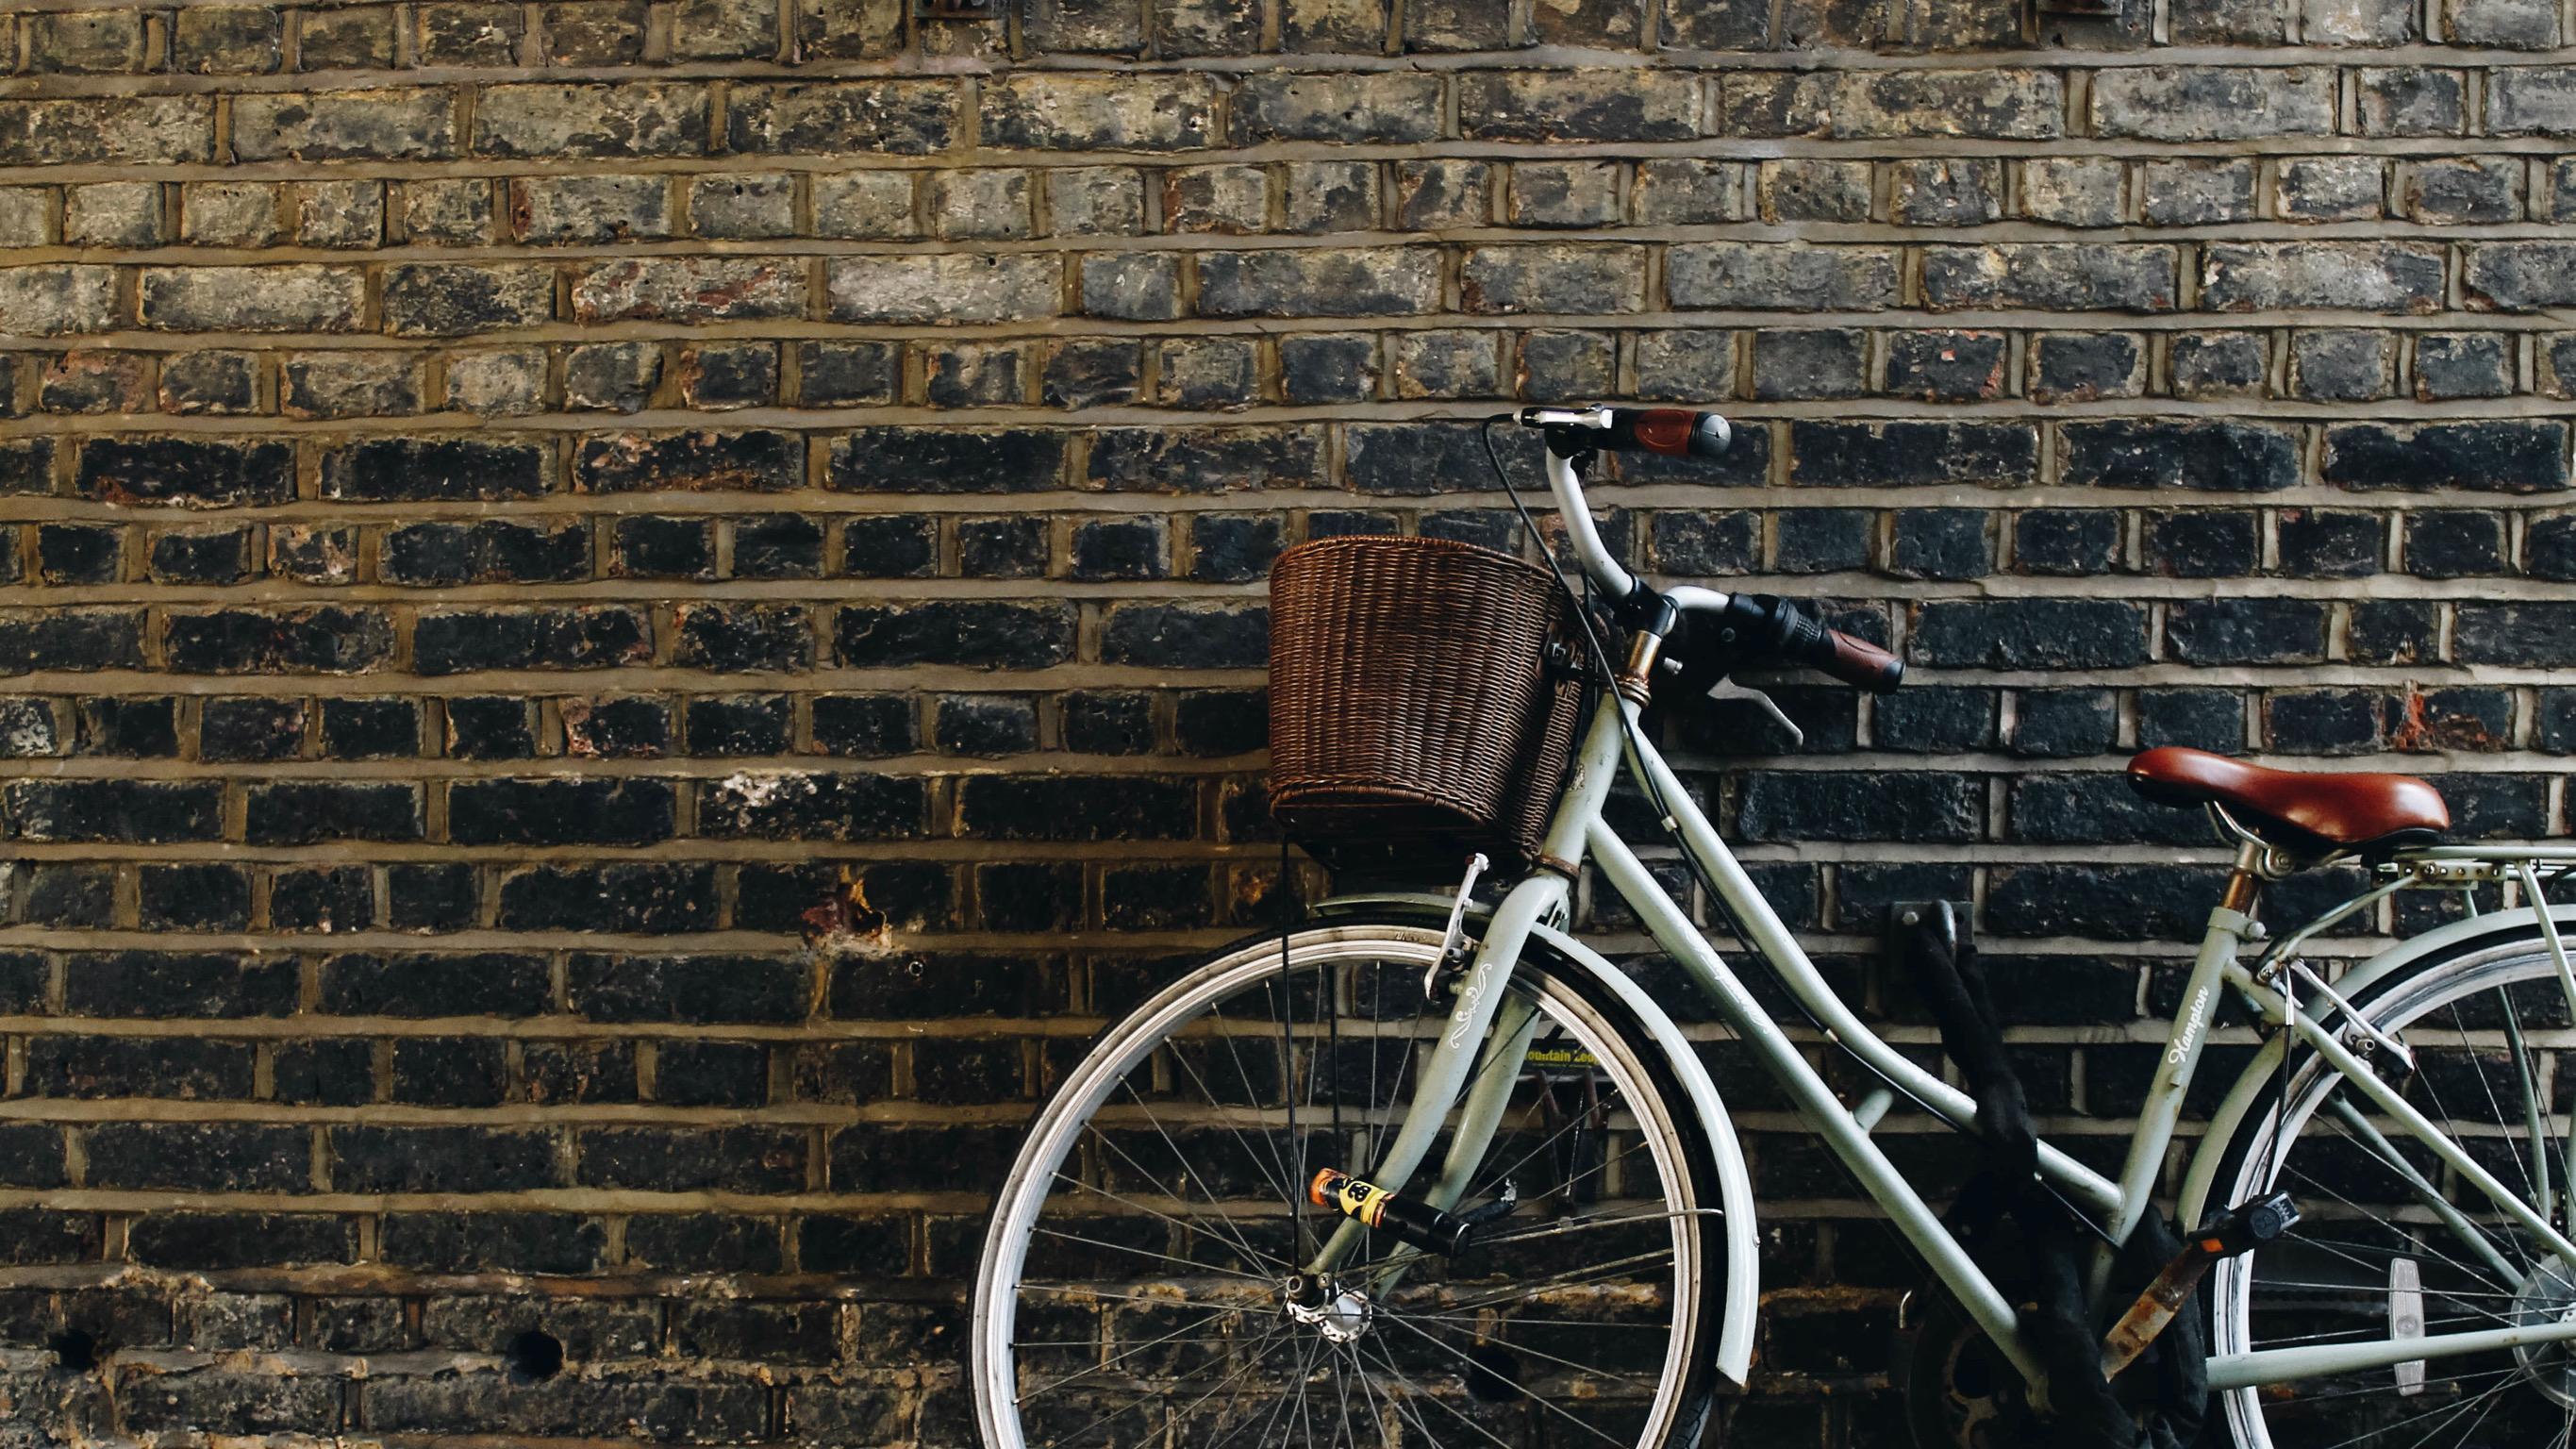 Ergotherapie - Veilig op de fiets boodschappen doen